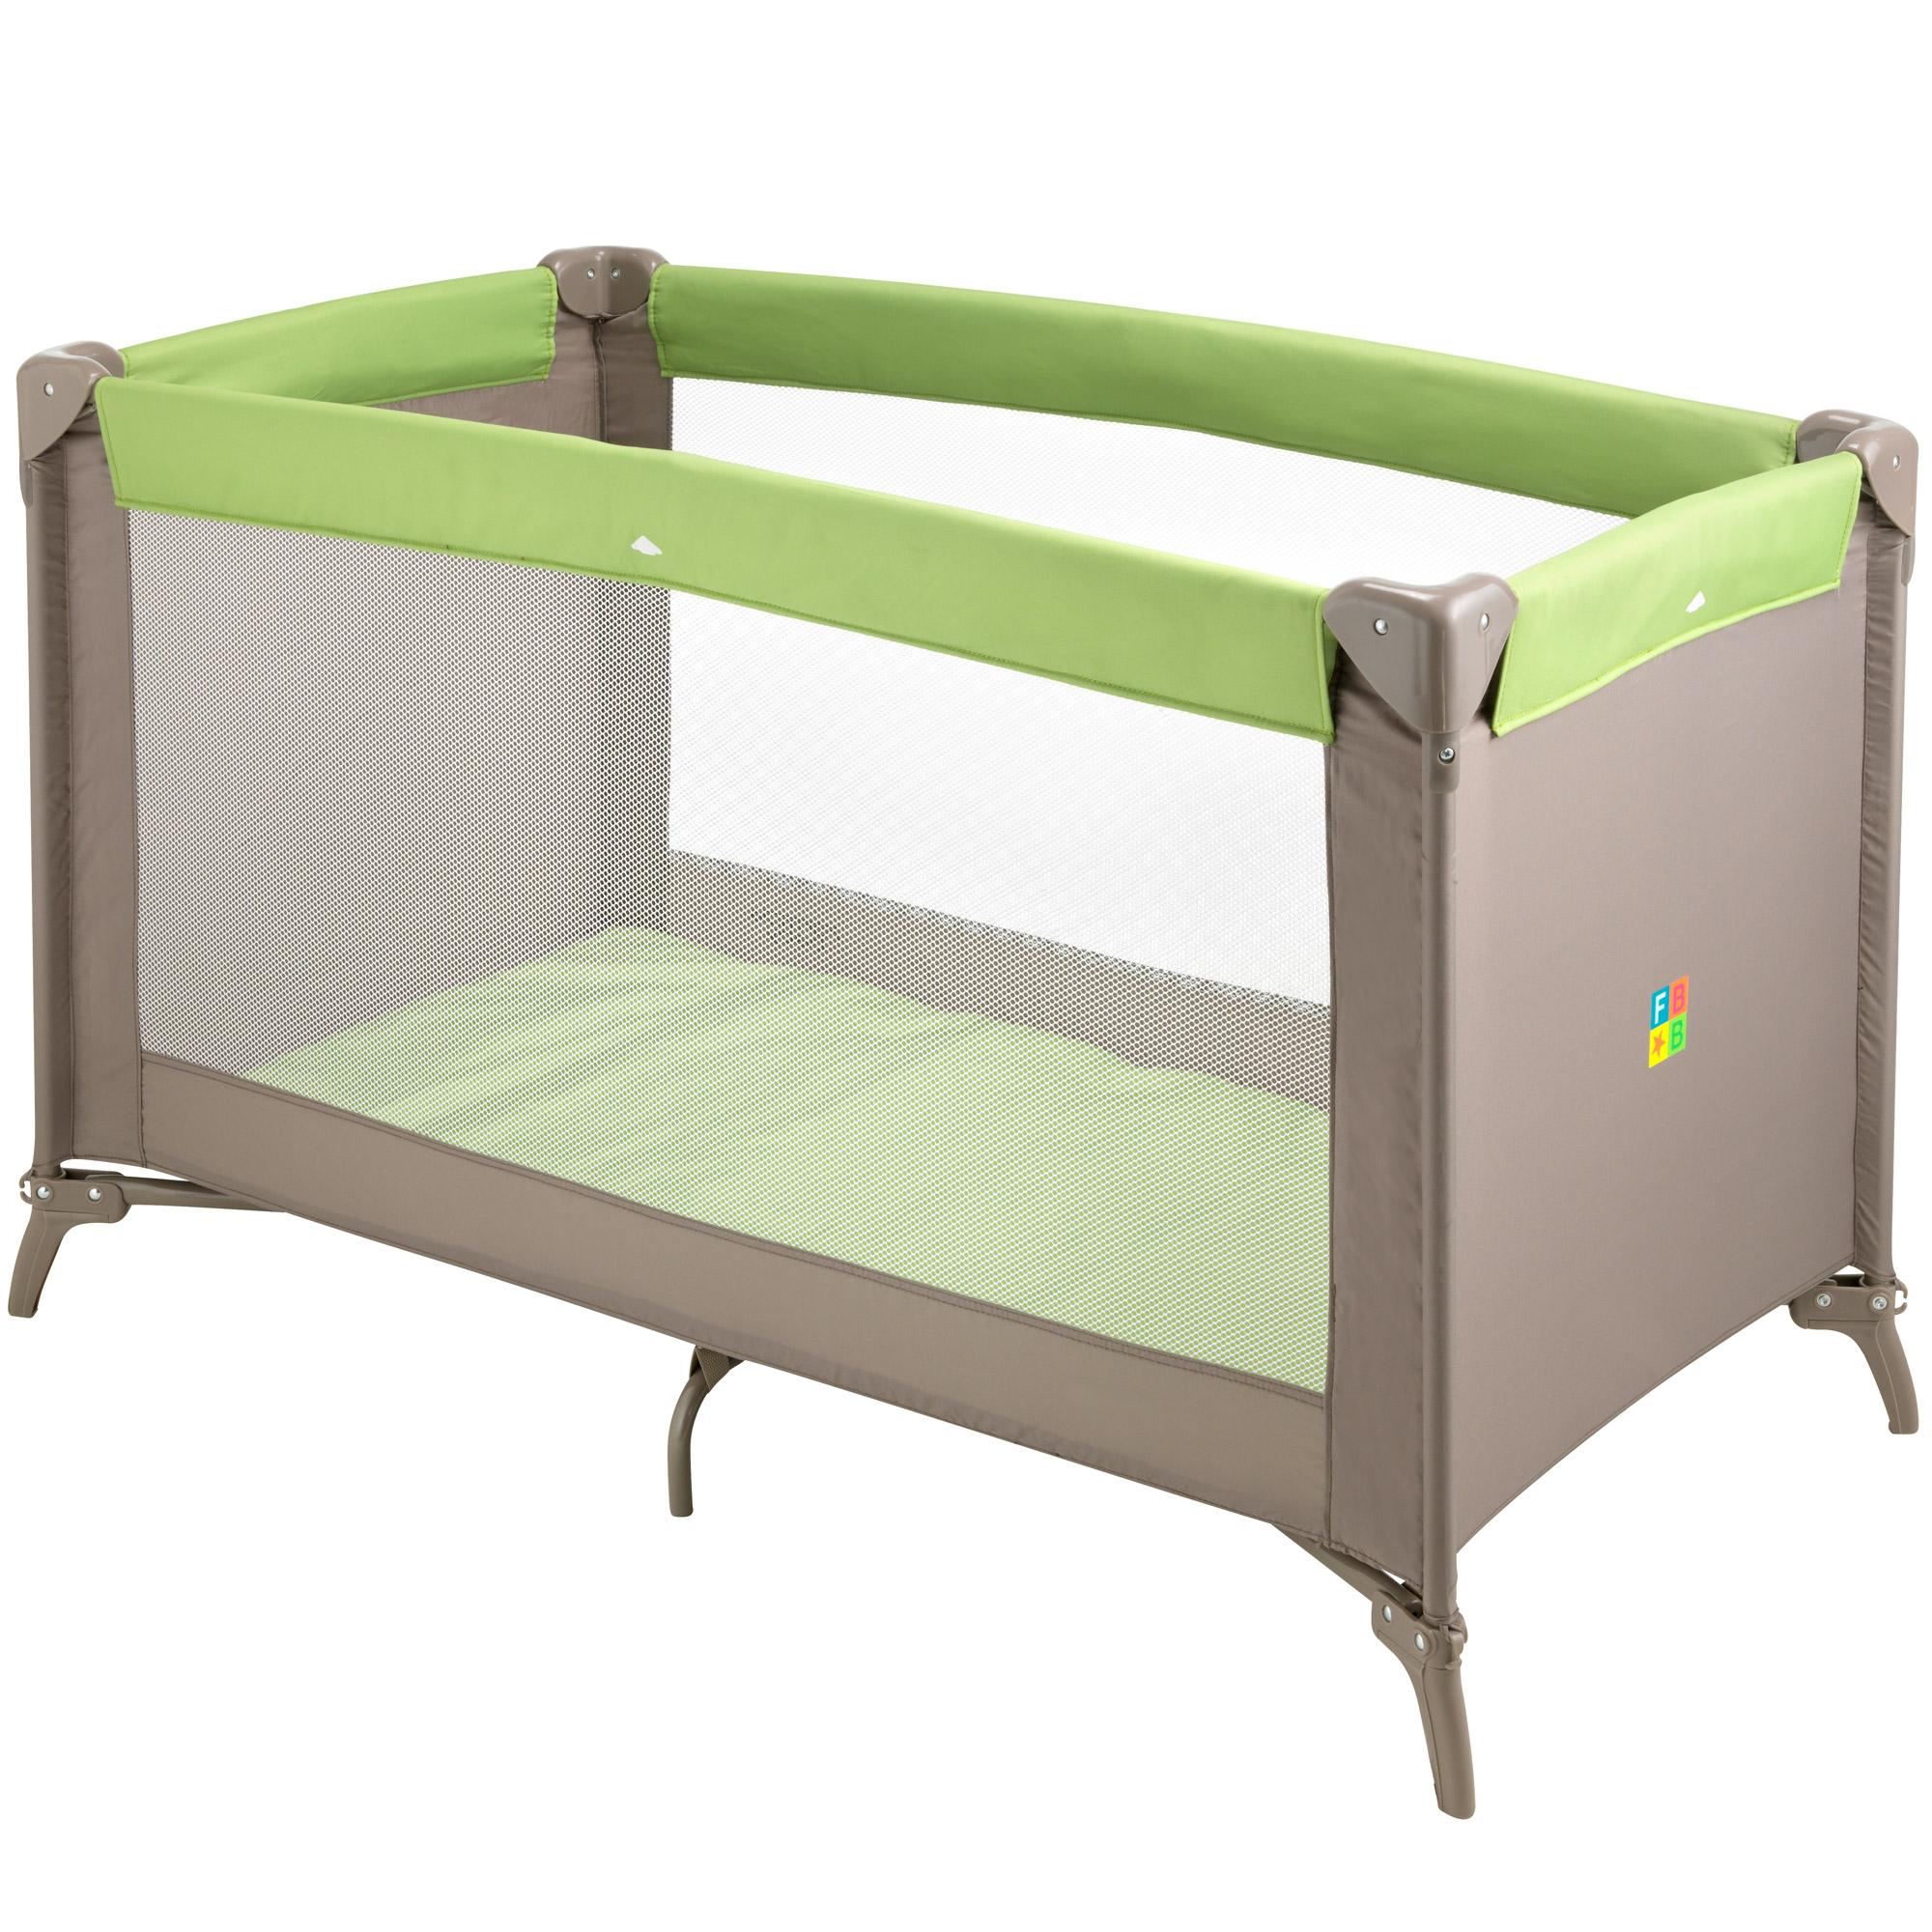 lit parapluie vert de formula baby lits parapluies aubert. Black Bedroom Furniture Sets. Home Design Ideas